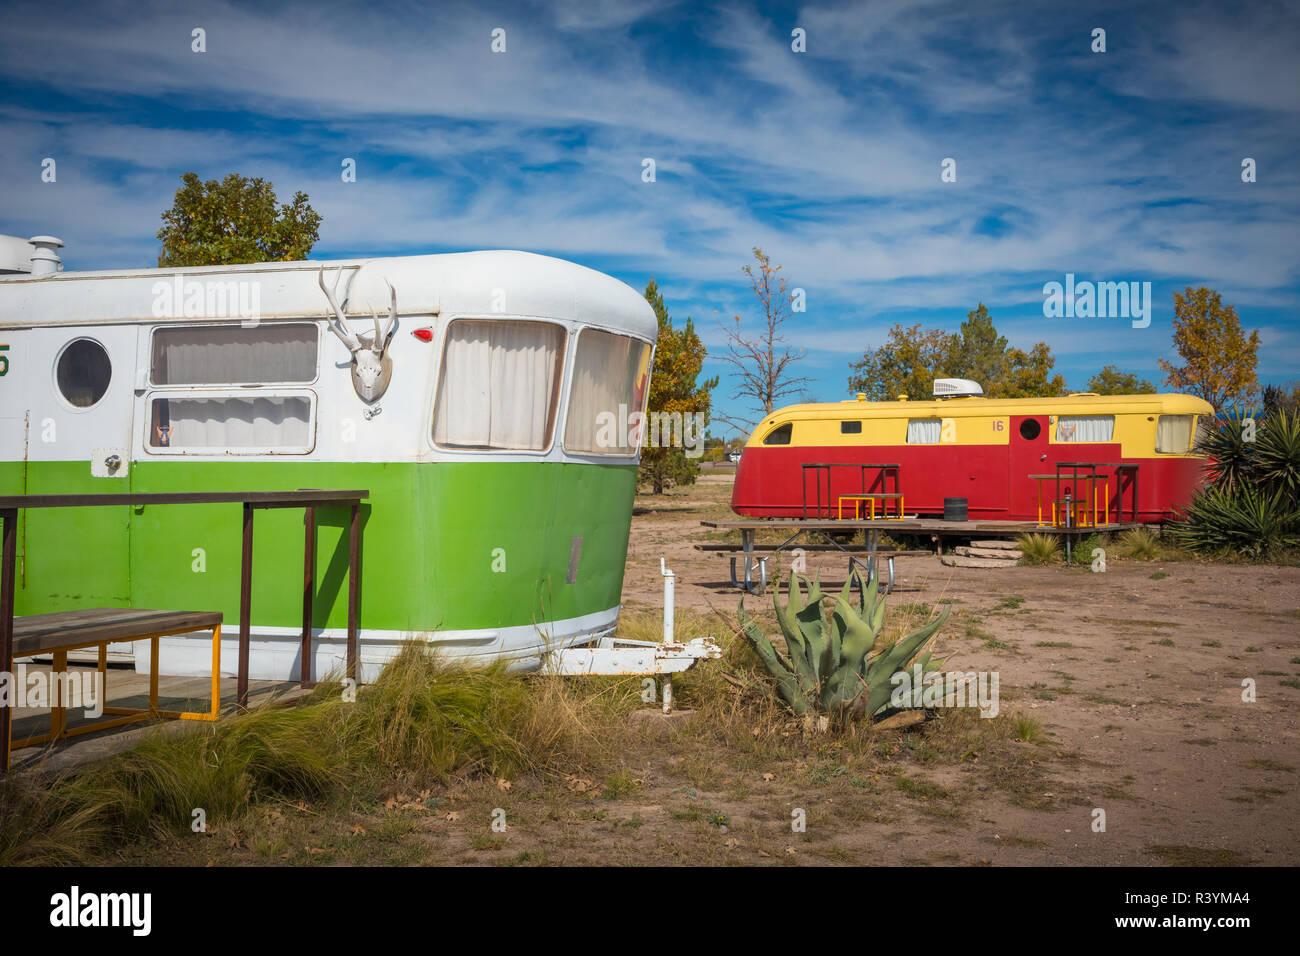 El Cosmico lodging in Marfa, Texas - Stock Image